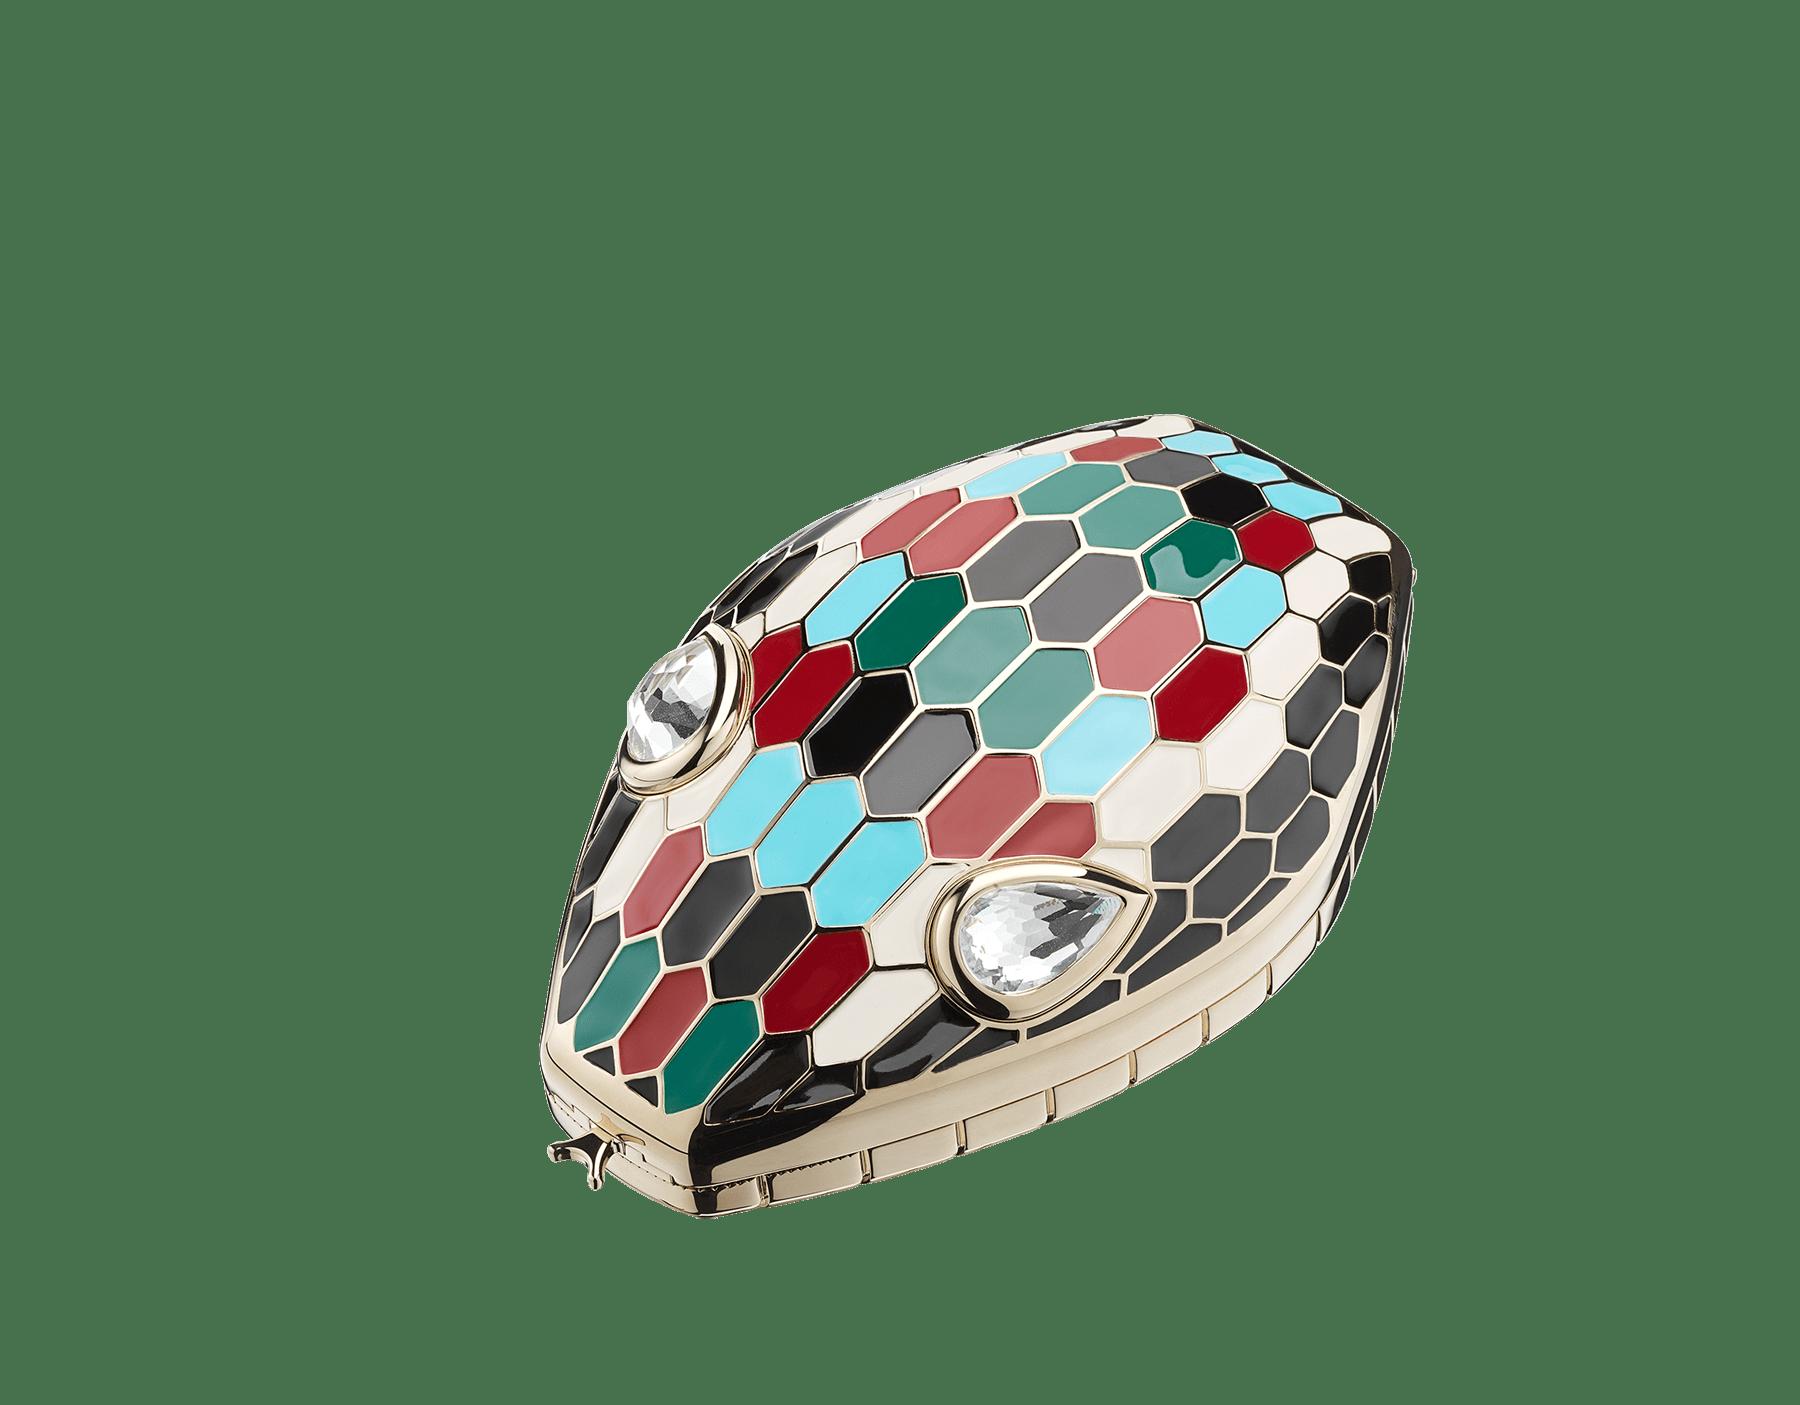 Минодьер Mary Katrantzou x Bvlgari, алюминий с покрытием из светлого золота, чешуйки из разноцветной эмали, гипнотические глаза из хрусталя. Специальная серия. MK-1153 image 1